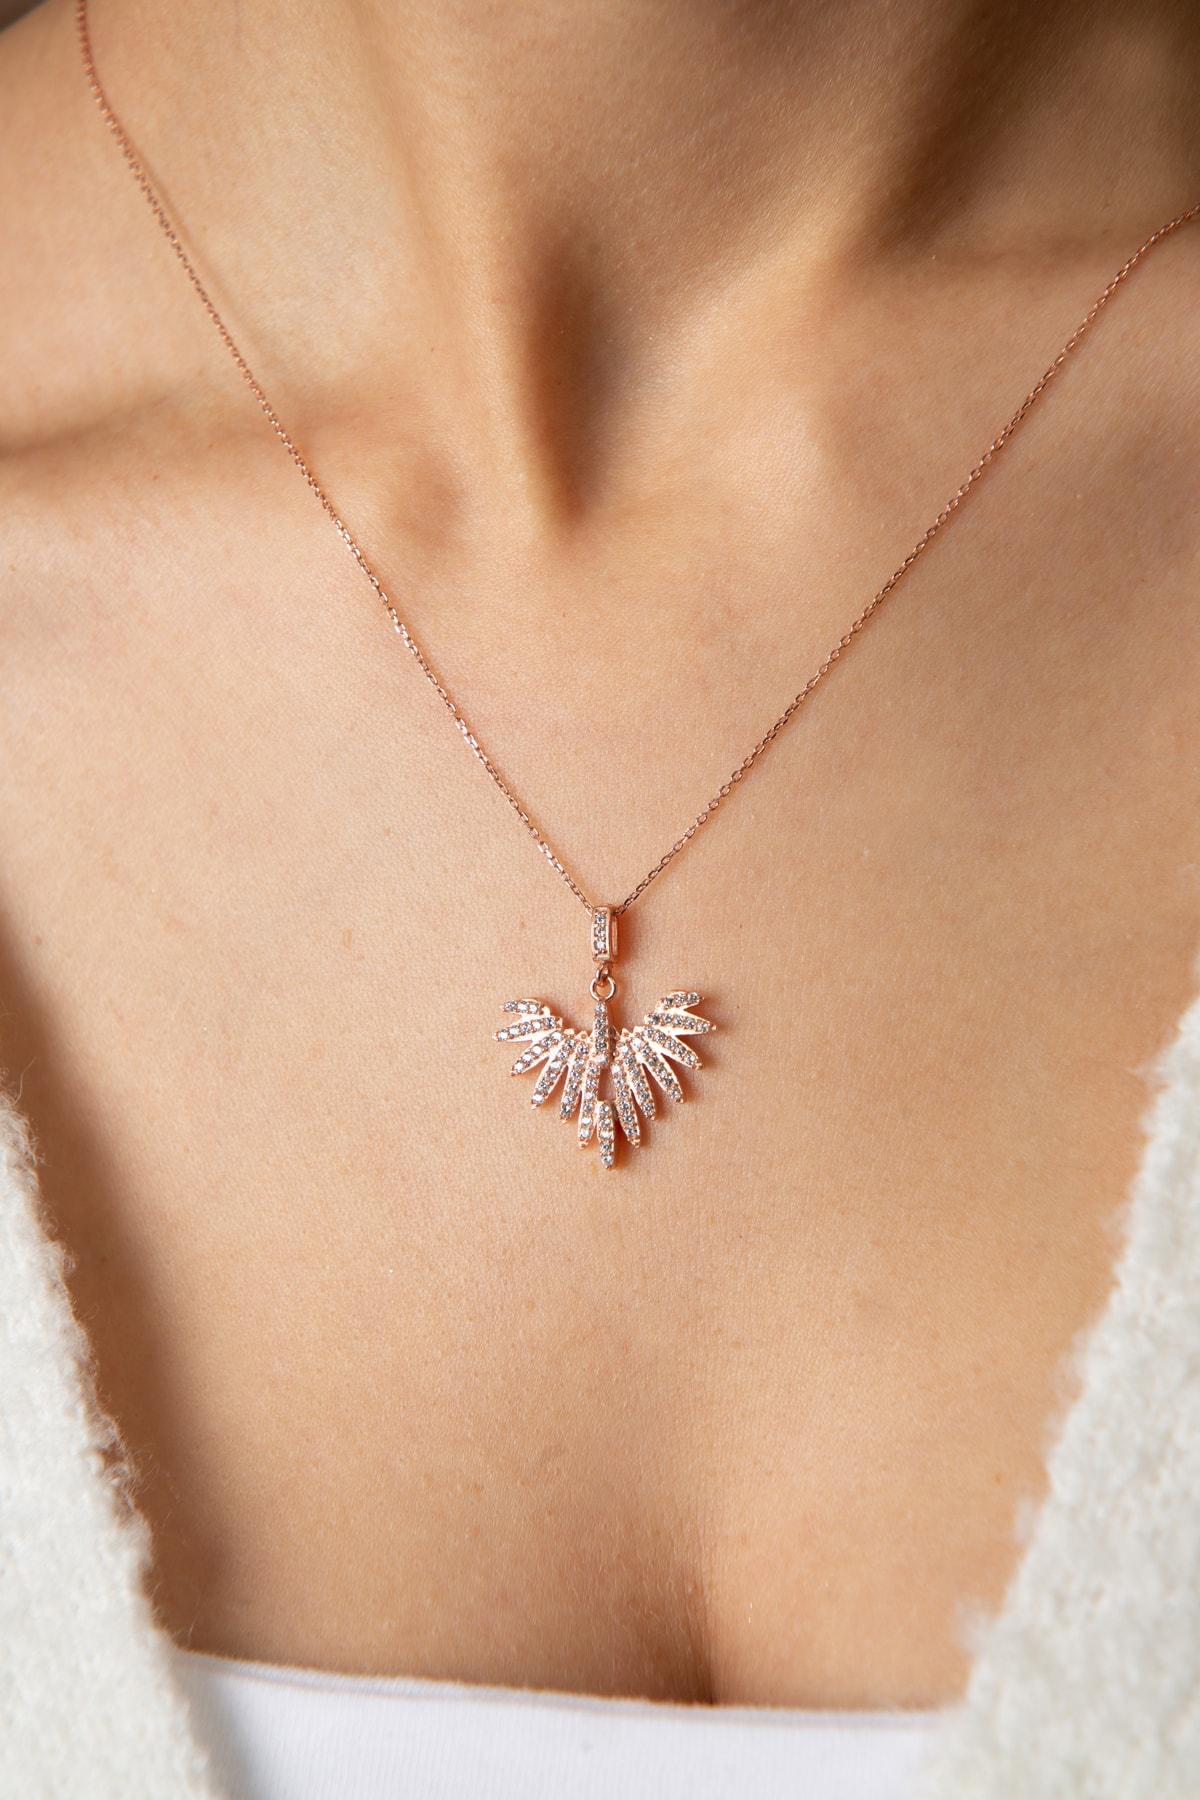 Elika Silver Kadın Anka Kuşu Model Rose Kaplama 925 Ayar Gümüş Kolye 1